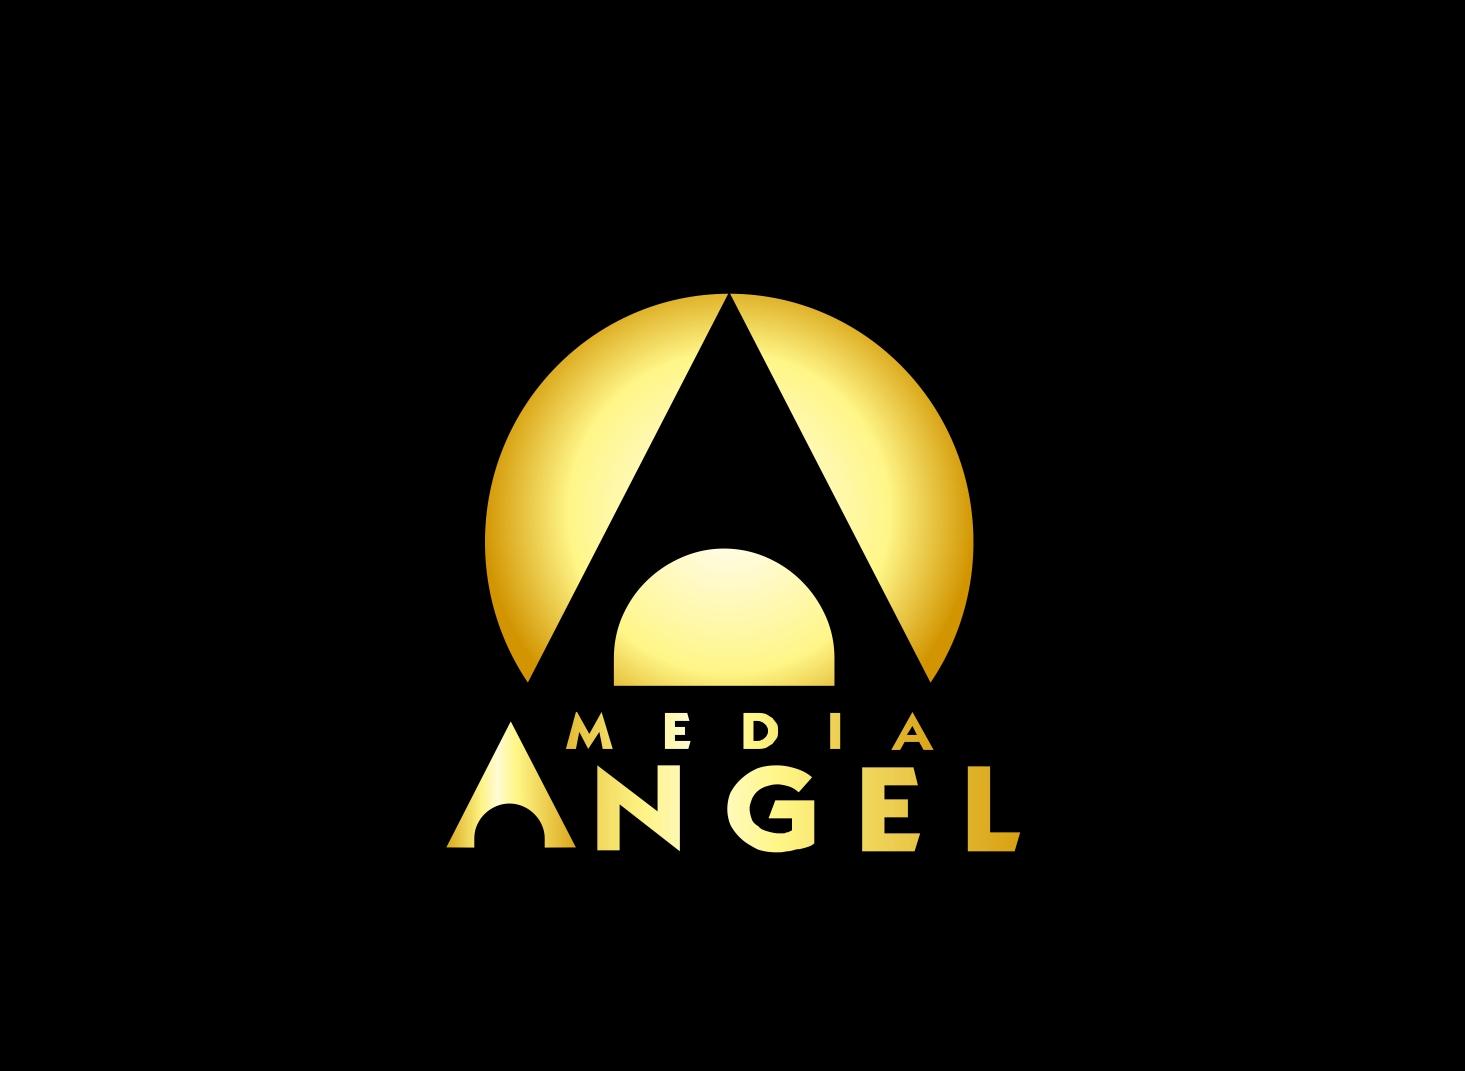 Logo Design by Zdravko Krulj - Entry No. 118 in the Logo Design Contest New Logo Design for Media Angels.